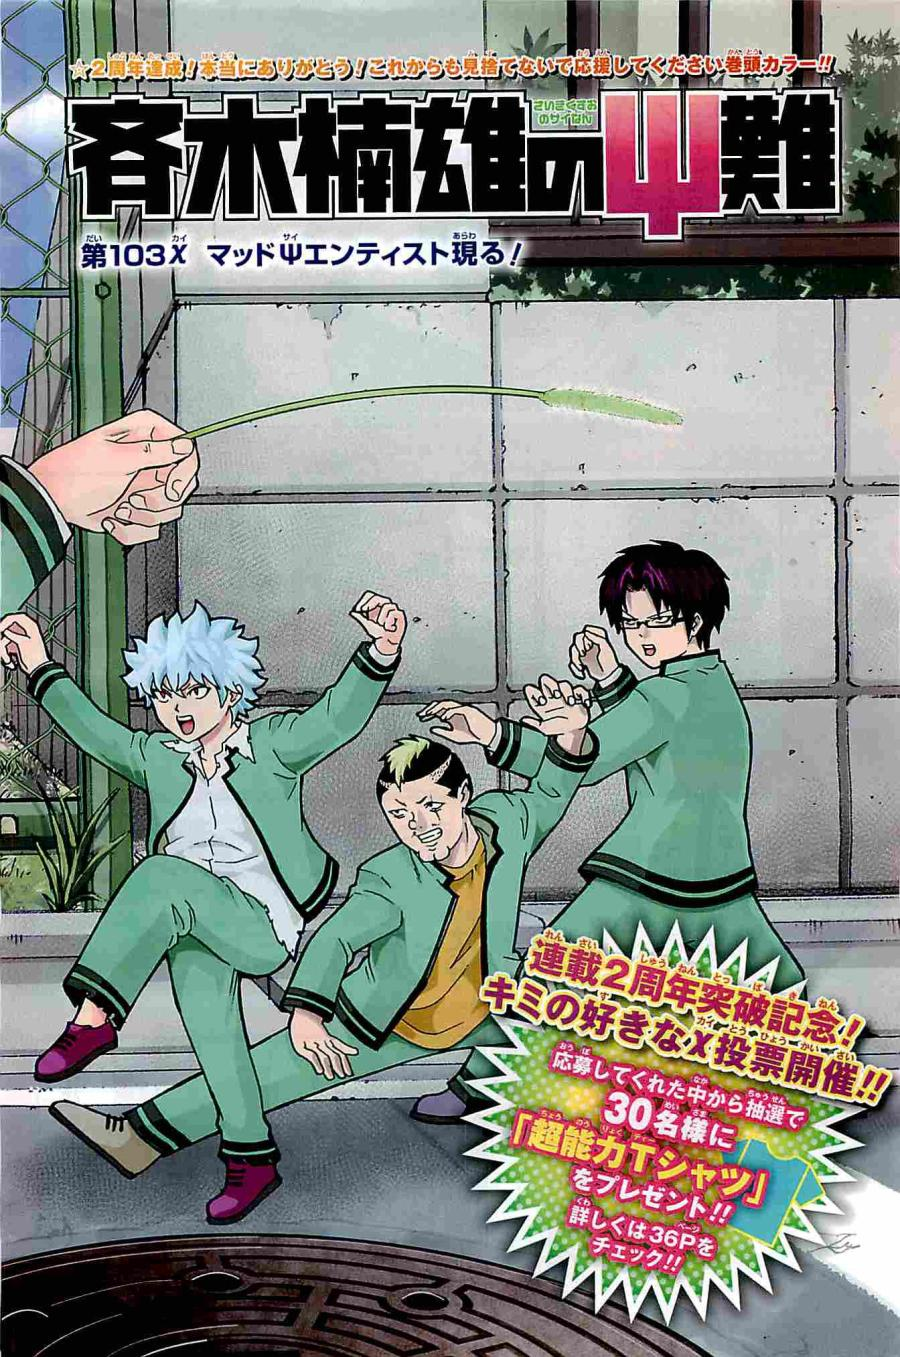 Saiki Kusuo no Sainan page 2 Weekly Shonen Jump 2014 #29